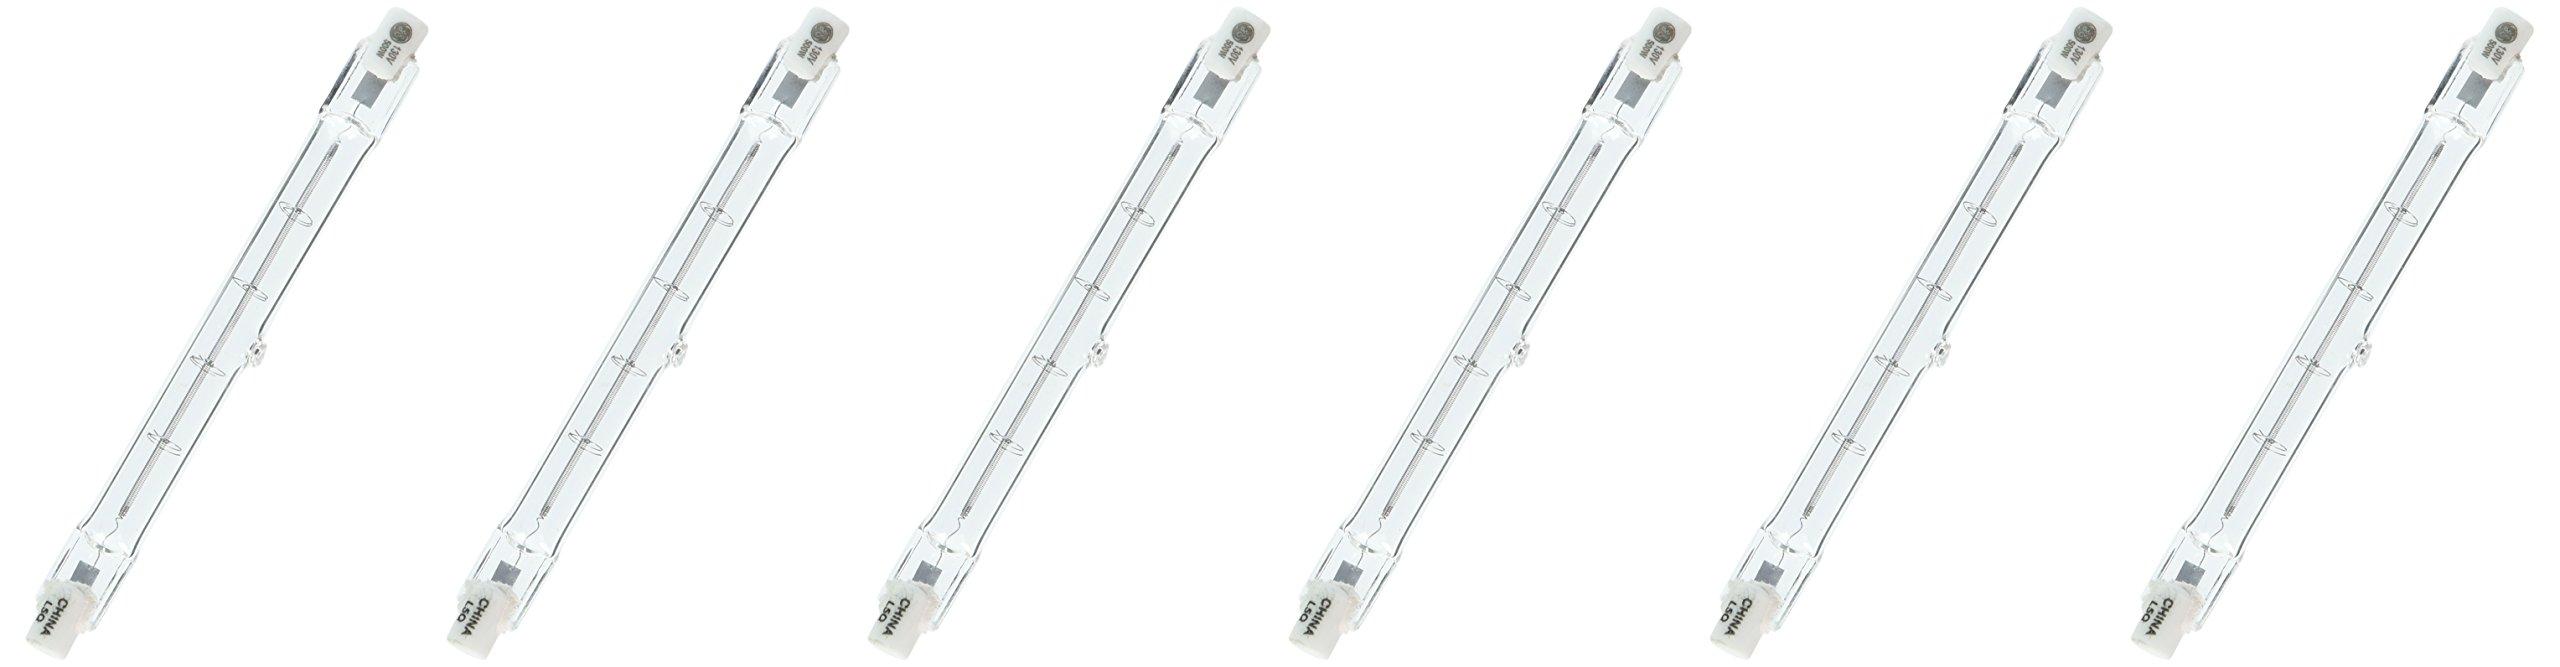 GE Lighting 24931 Proline500 Halogen T3 130V 500-Watt Light Bulb, 6-Pack